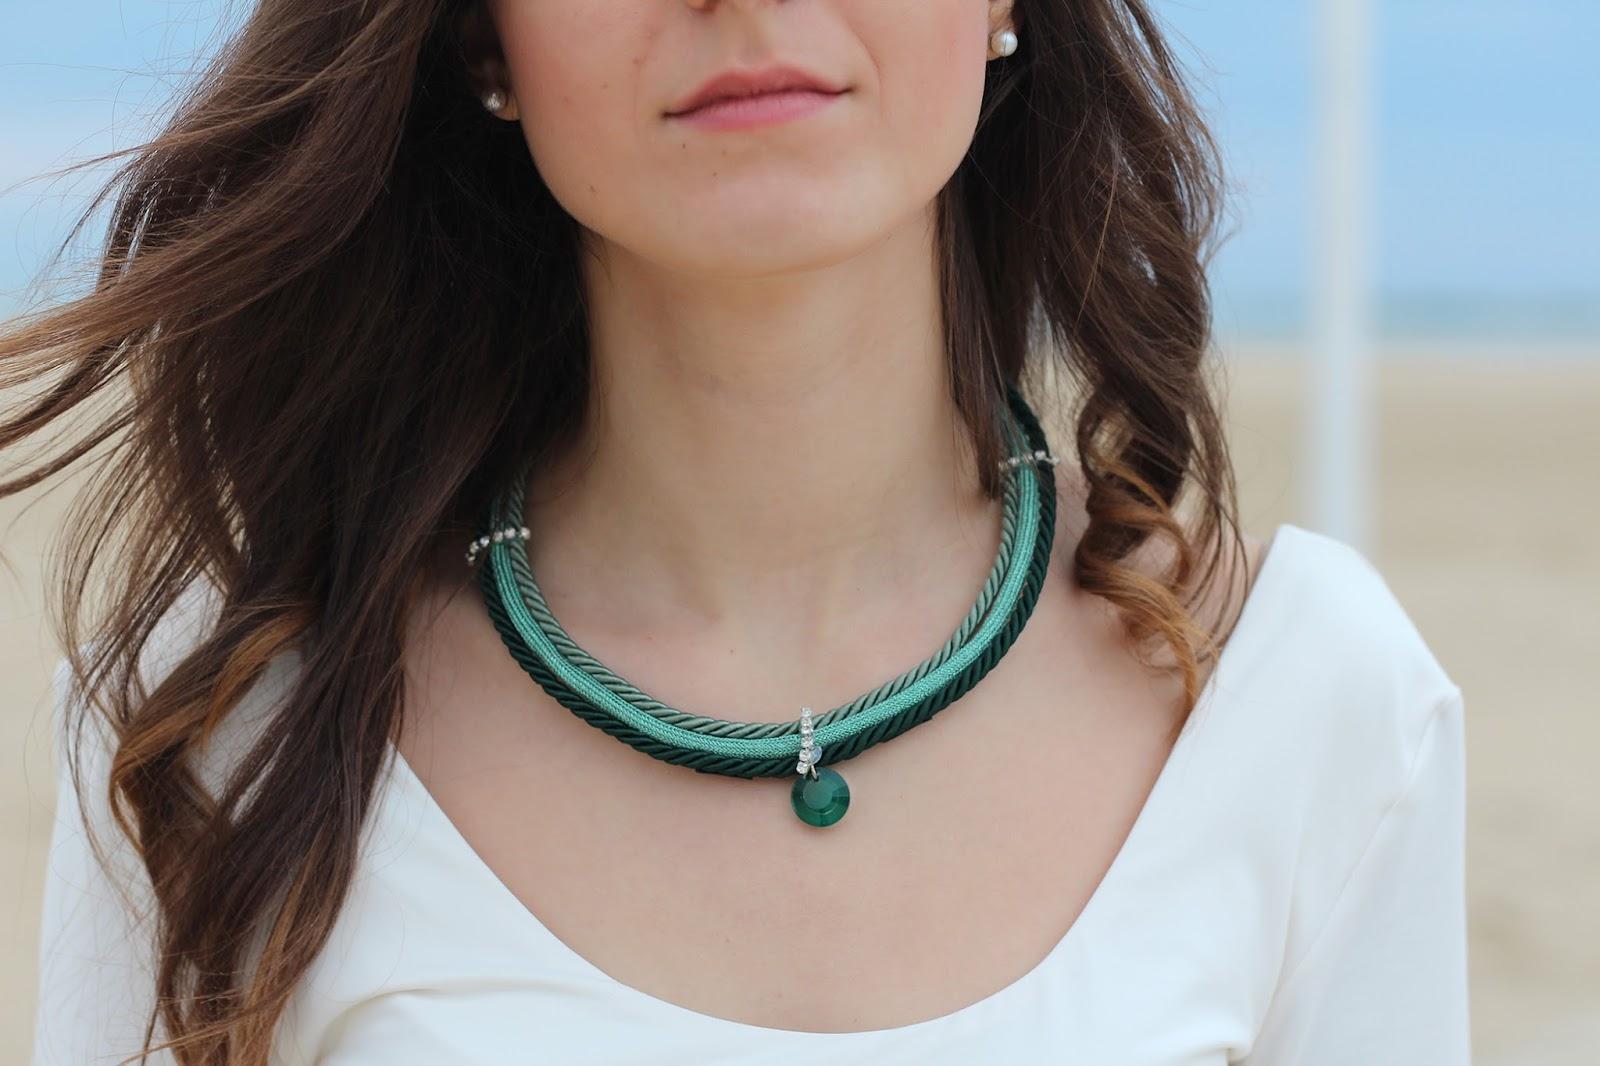 Amato Chic con Charme Bijoux e una gonna verde smeraldo | Bow Of Moon UQ79